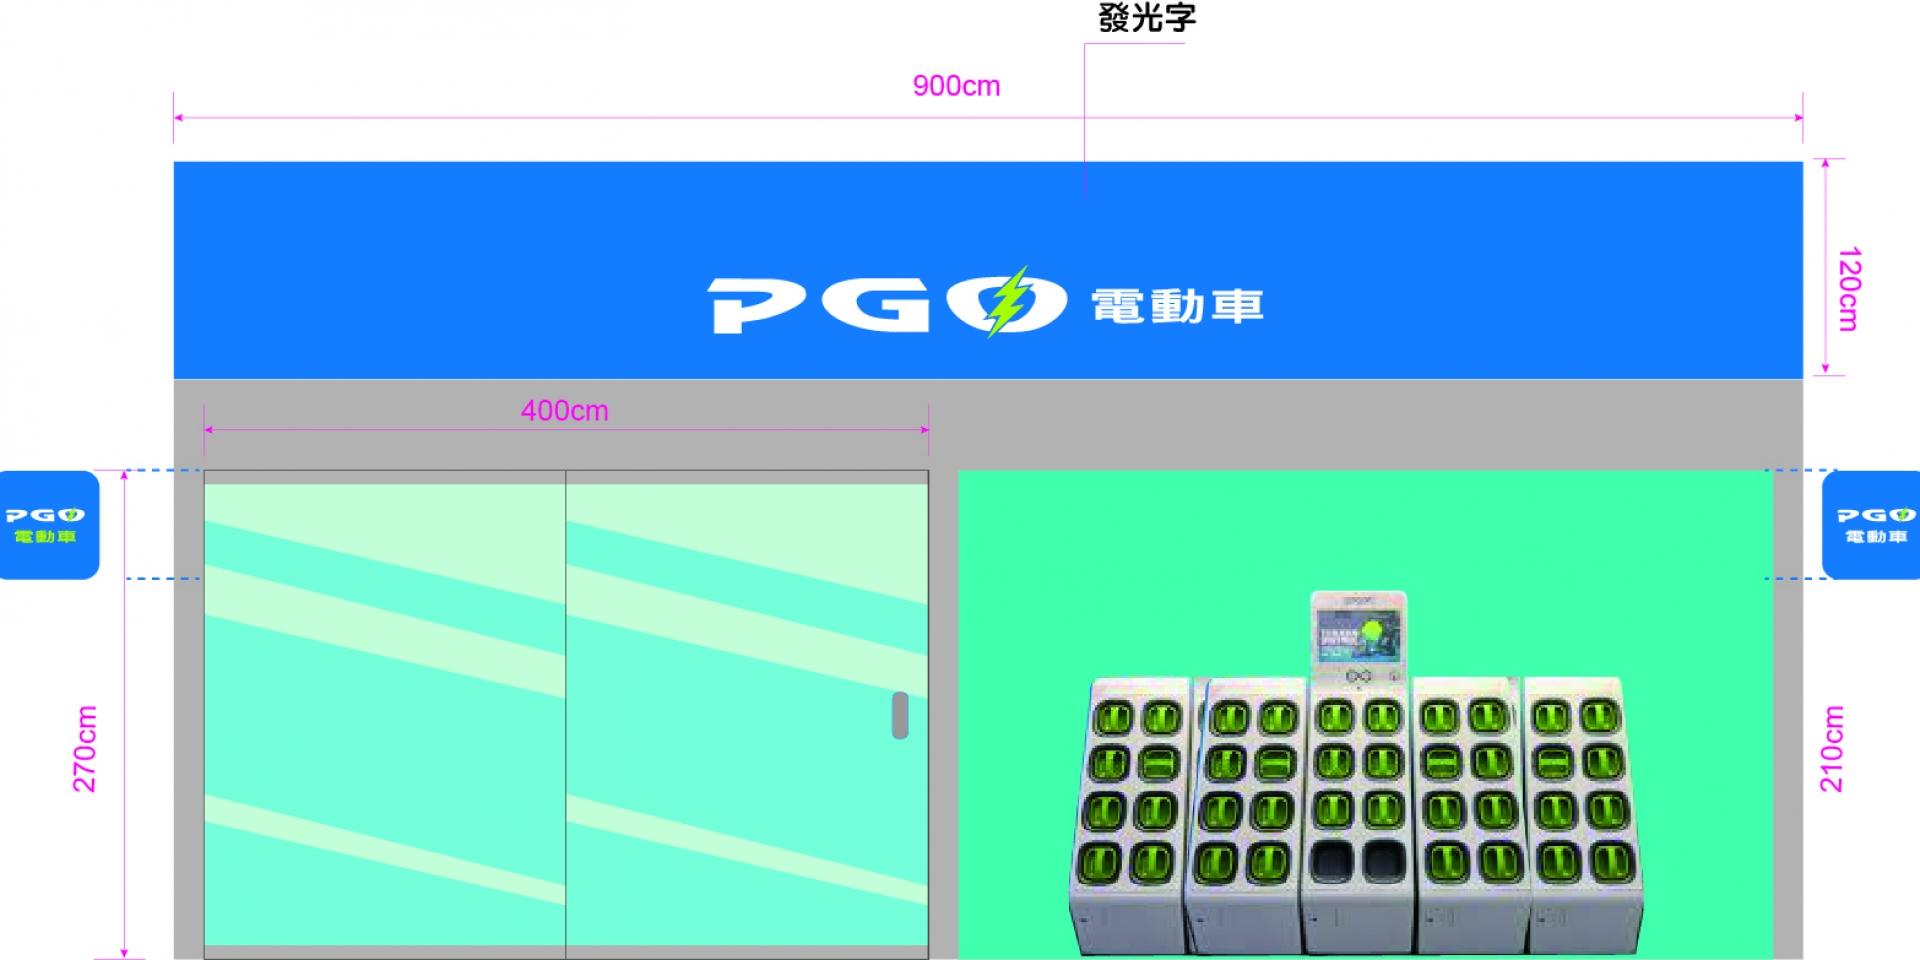 官方新聞稿。摩特動力PGO打造專屬電車品牌, 攜手Gogoro推出全新電動車款 正式啟動!